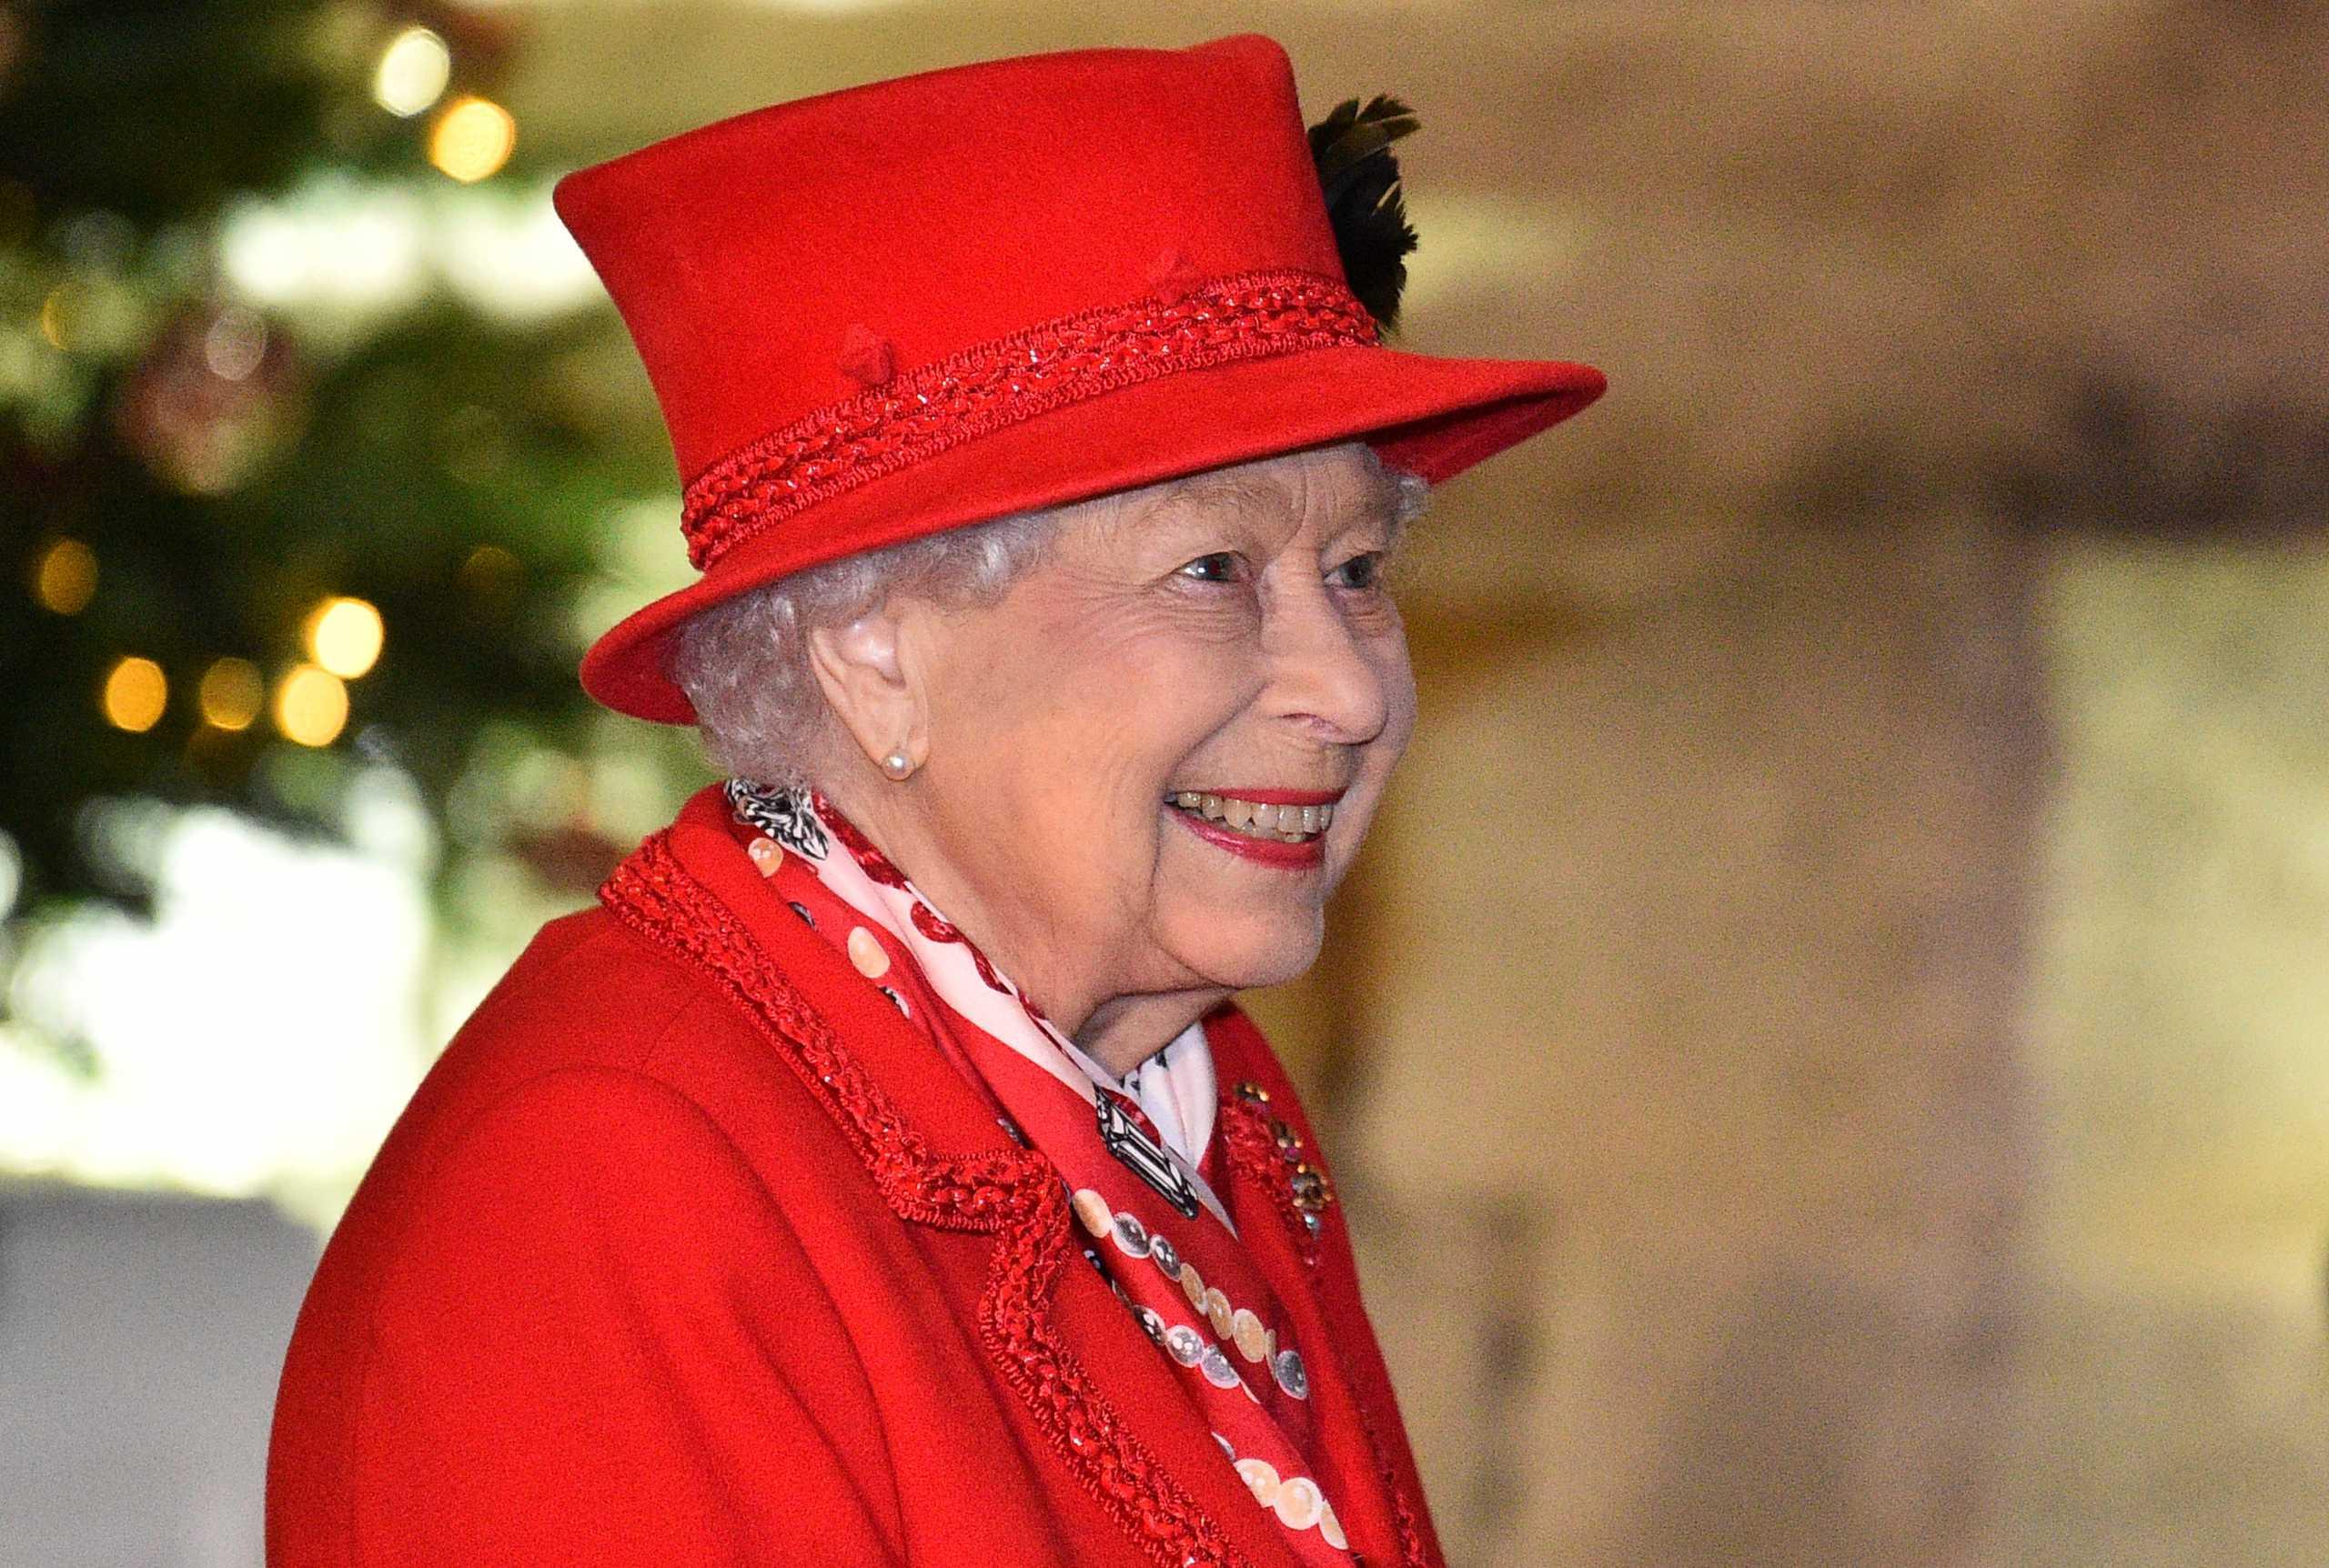 Βασίλισσα σε αναμονή λόγω Brexit: Καθυστερεί το Χριστουγεννιάτικο μήνυμα